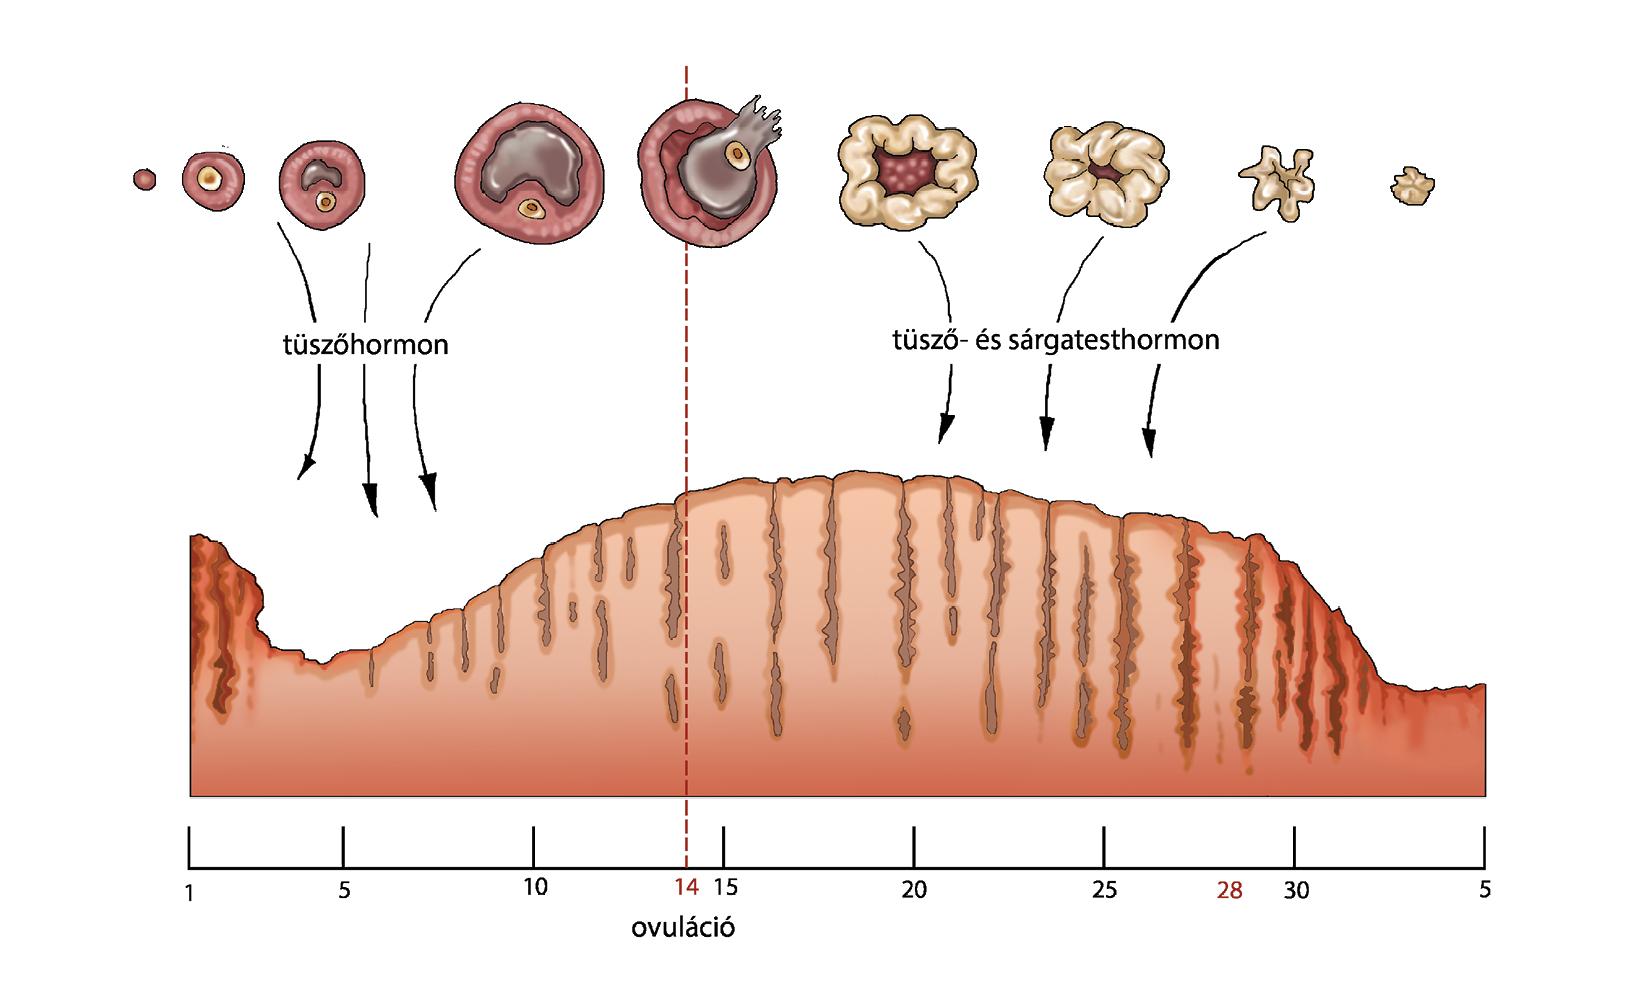 merevedés és ovuláció javítsa az erekciót egy hét alatt